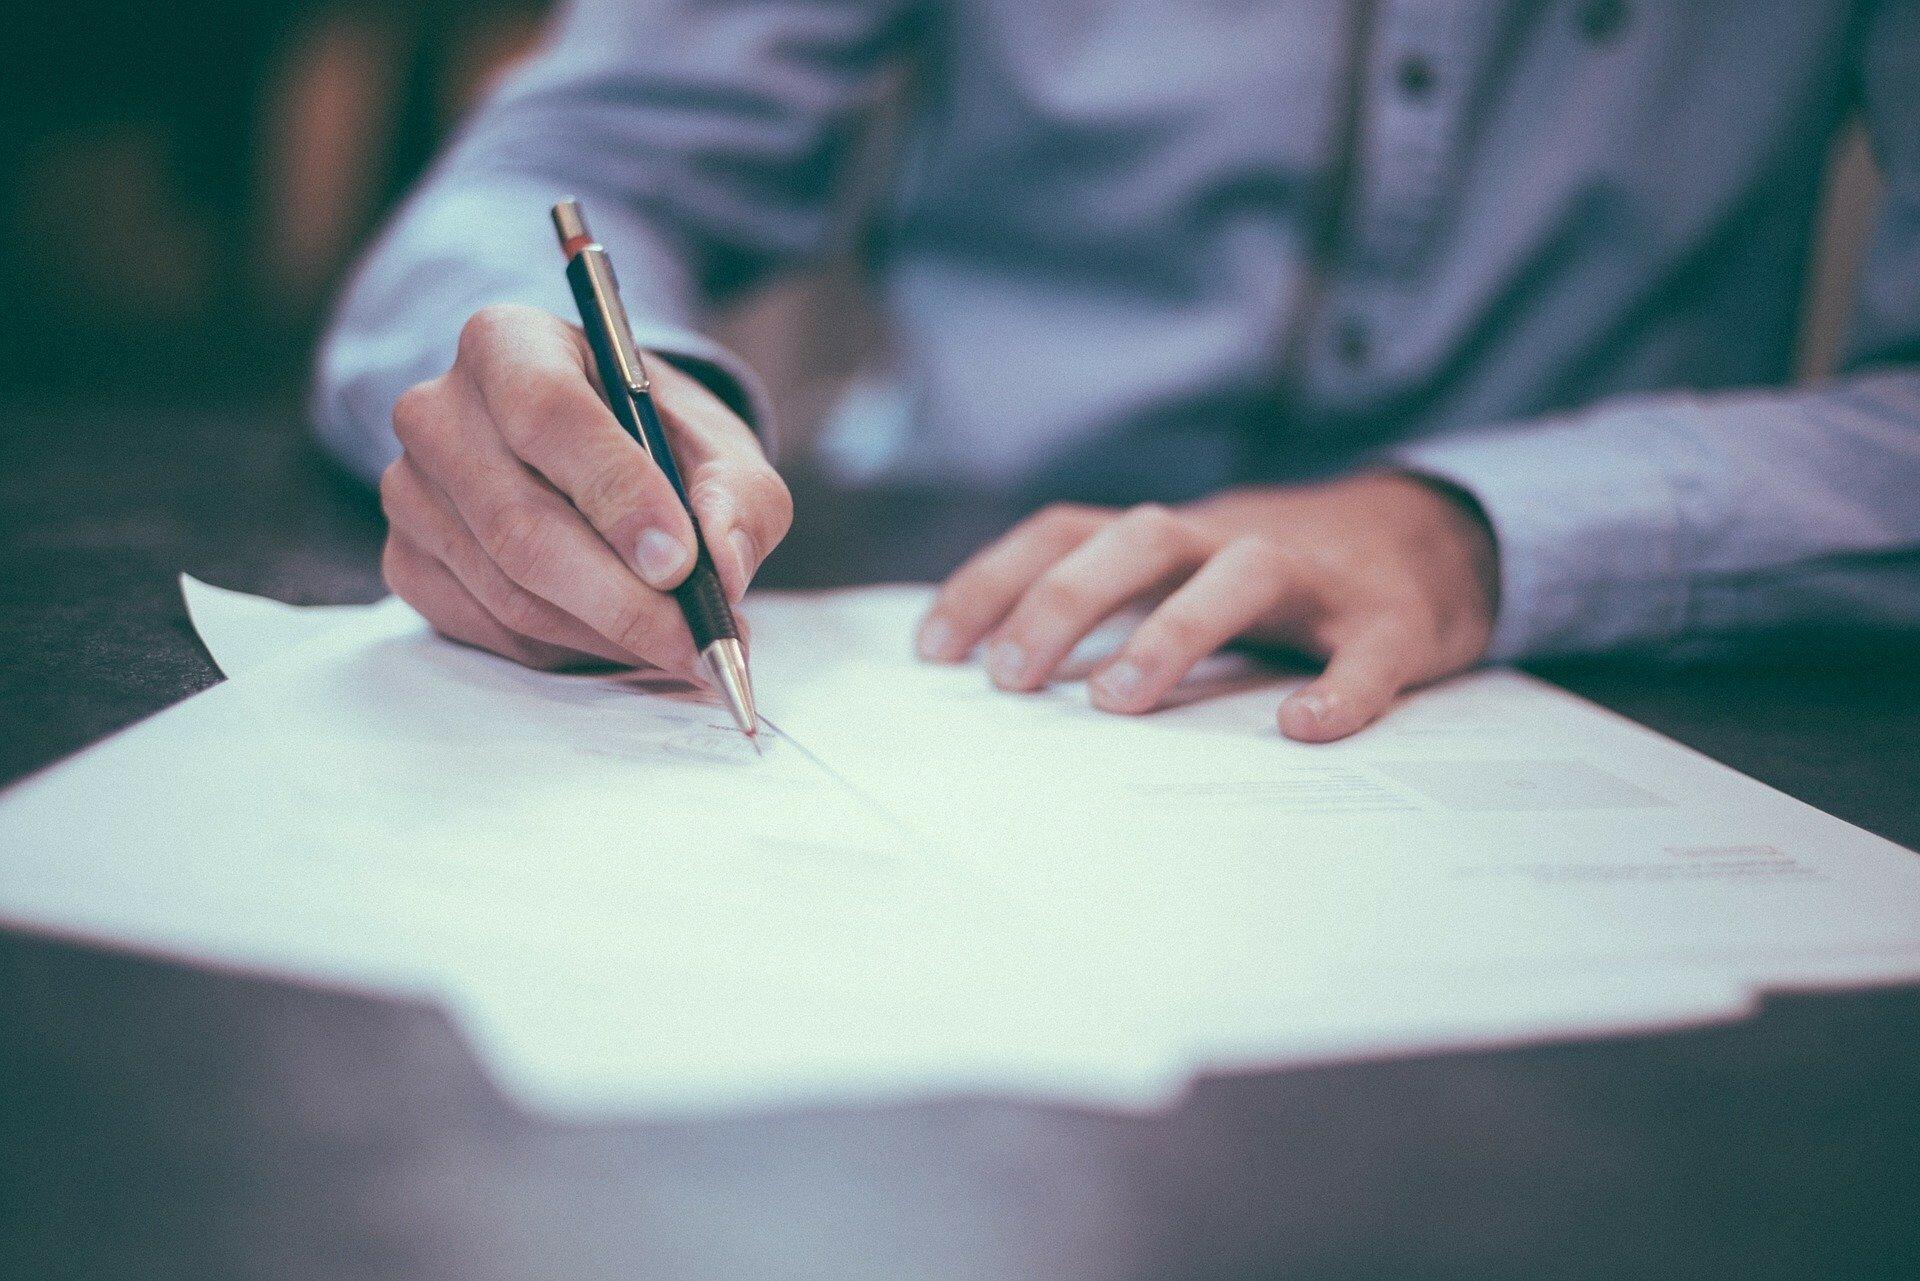 Какими документами ФЛП может подтвердить покупку  у физлица